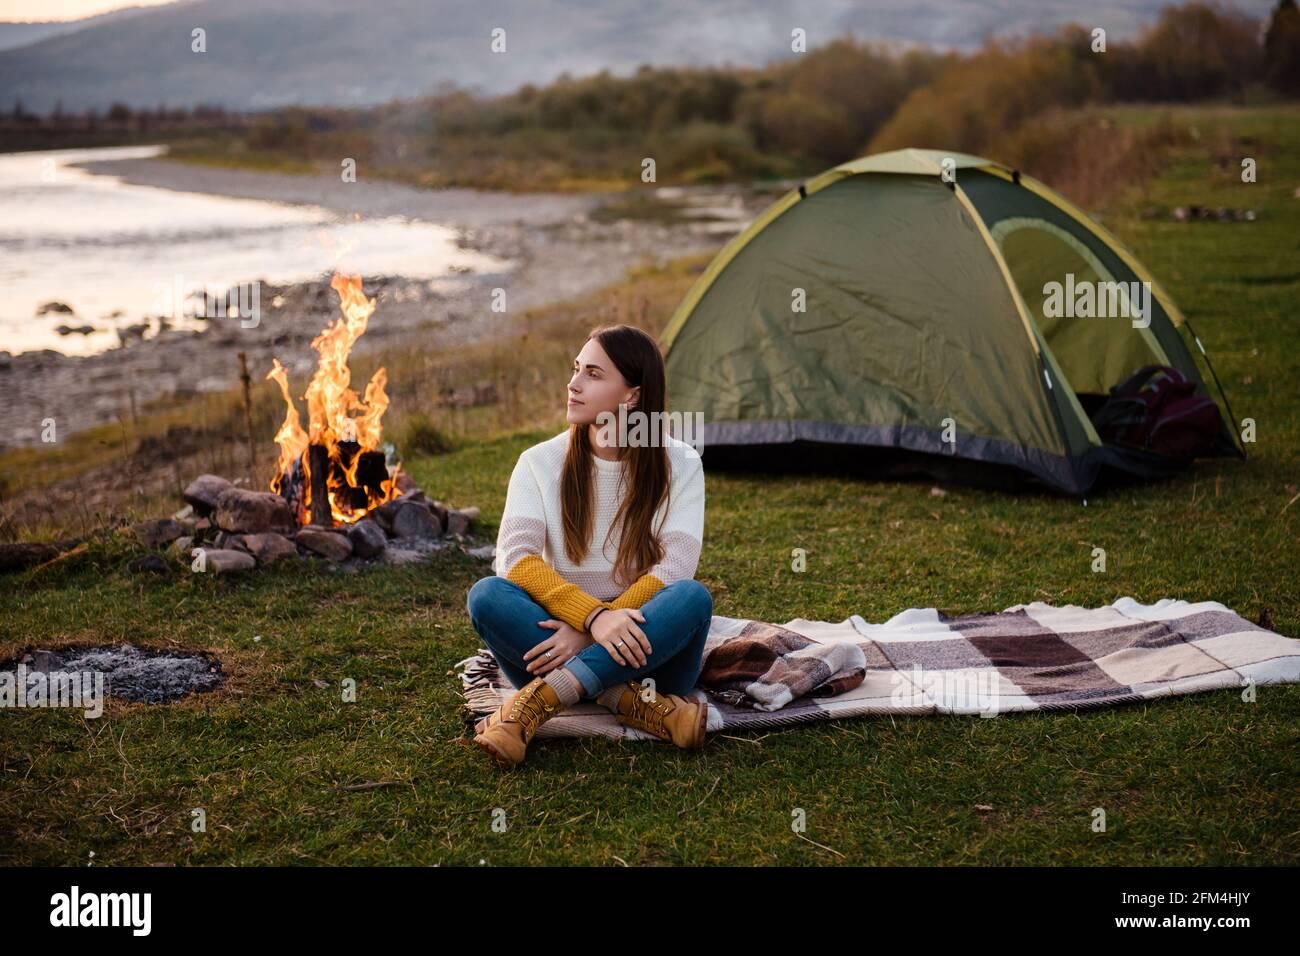 Vista frontal de la joven morena por la tarde se sienta cerca de una tienda y goza de vistas a la montaña. La fogata está iluminada en el lado. Camping y senderismo en el m Foto de stock